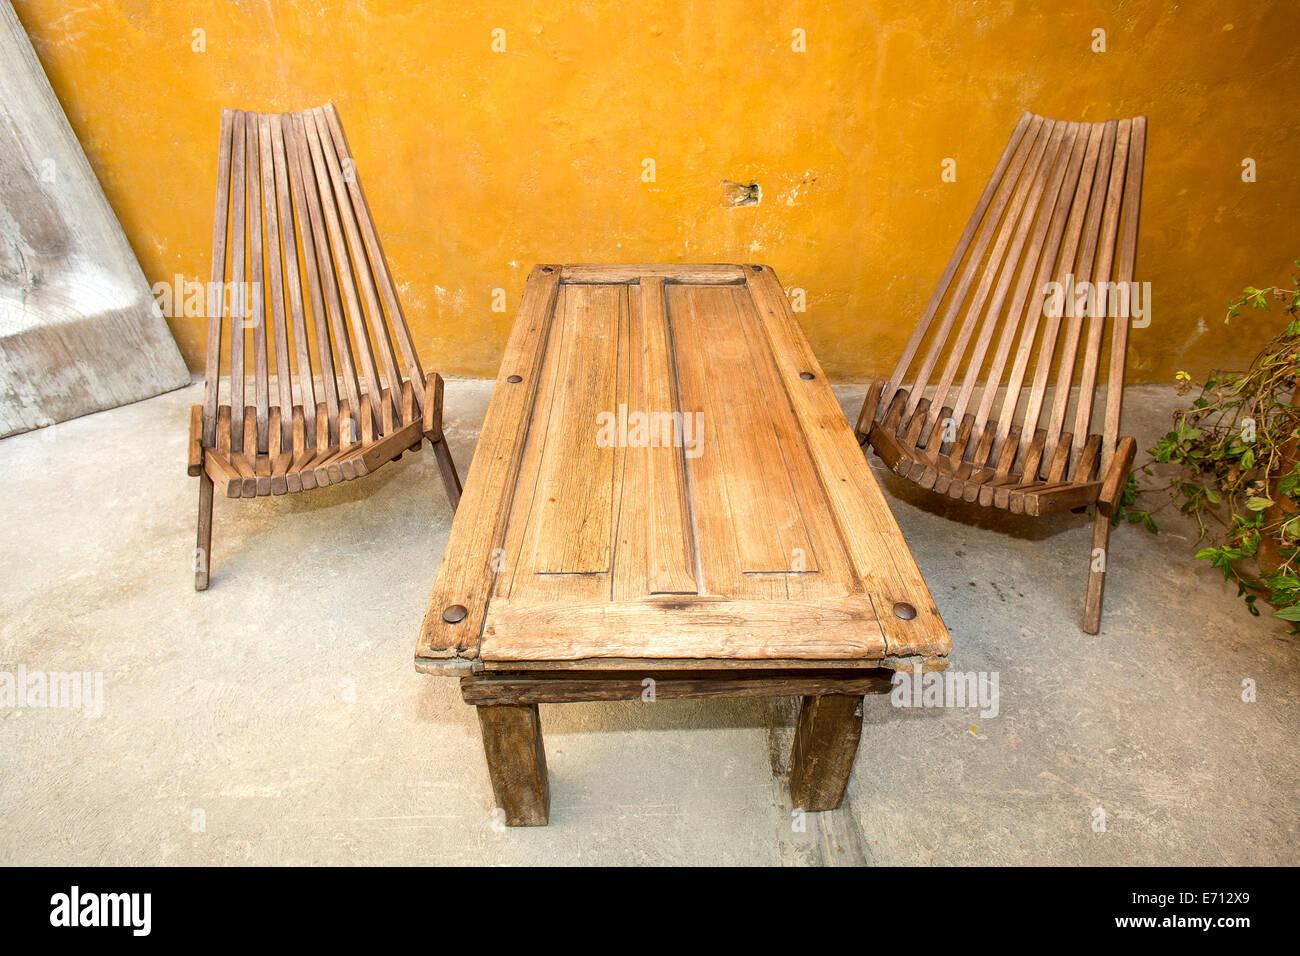 Mobili Legno Recuperato : Mobili fatti di legno recuperato foto & immagine stock: 73168321 alamy